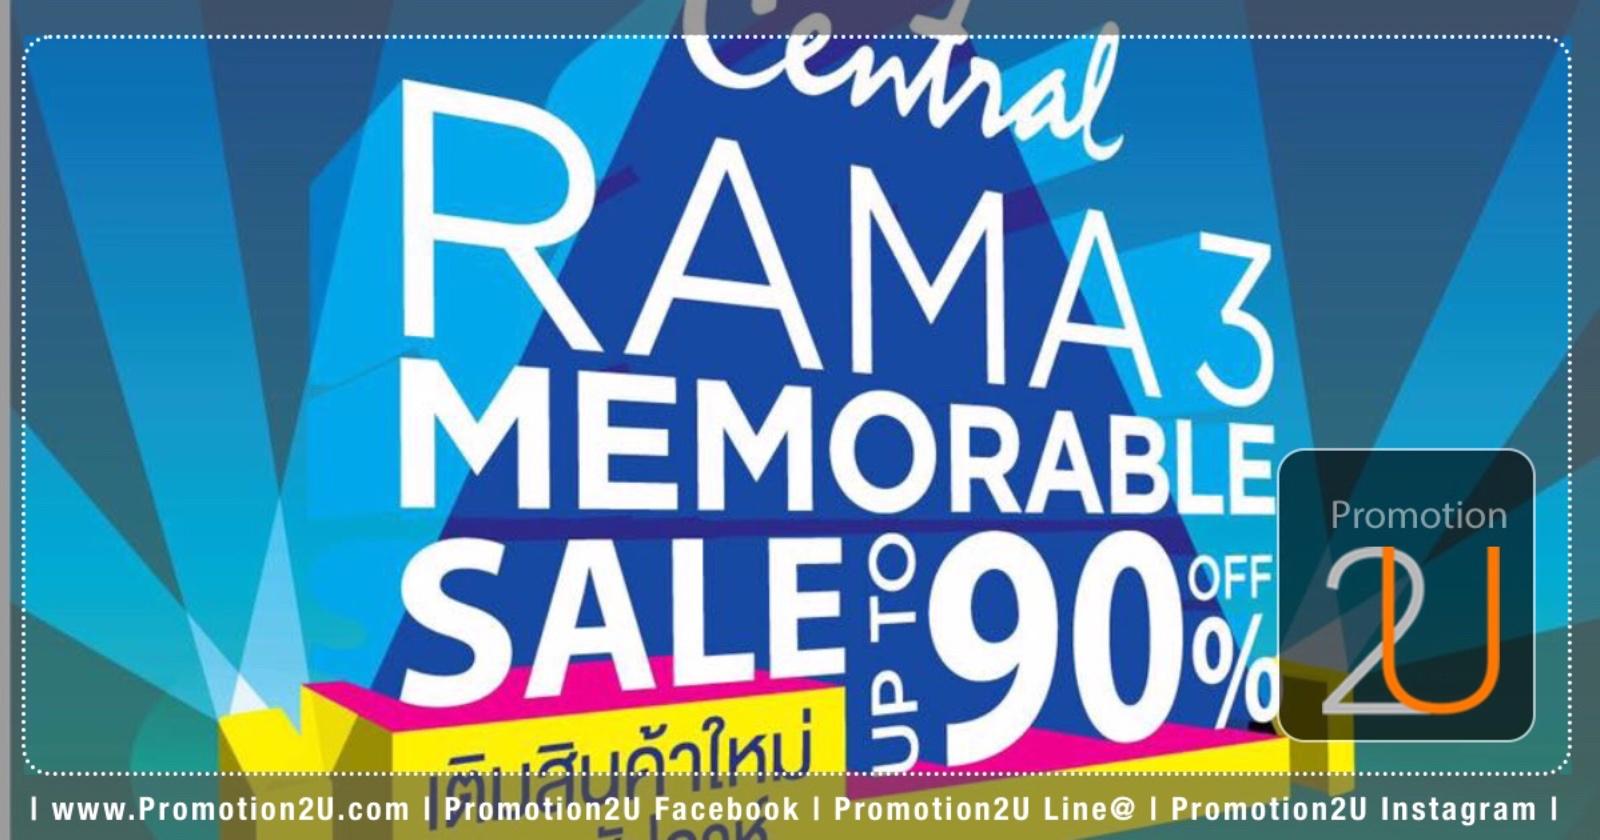 โปรโมชั่น เซ็นทรัล พระราม3 Memorable Sale ลดสูงสุด 90%